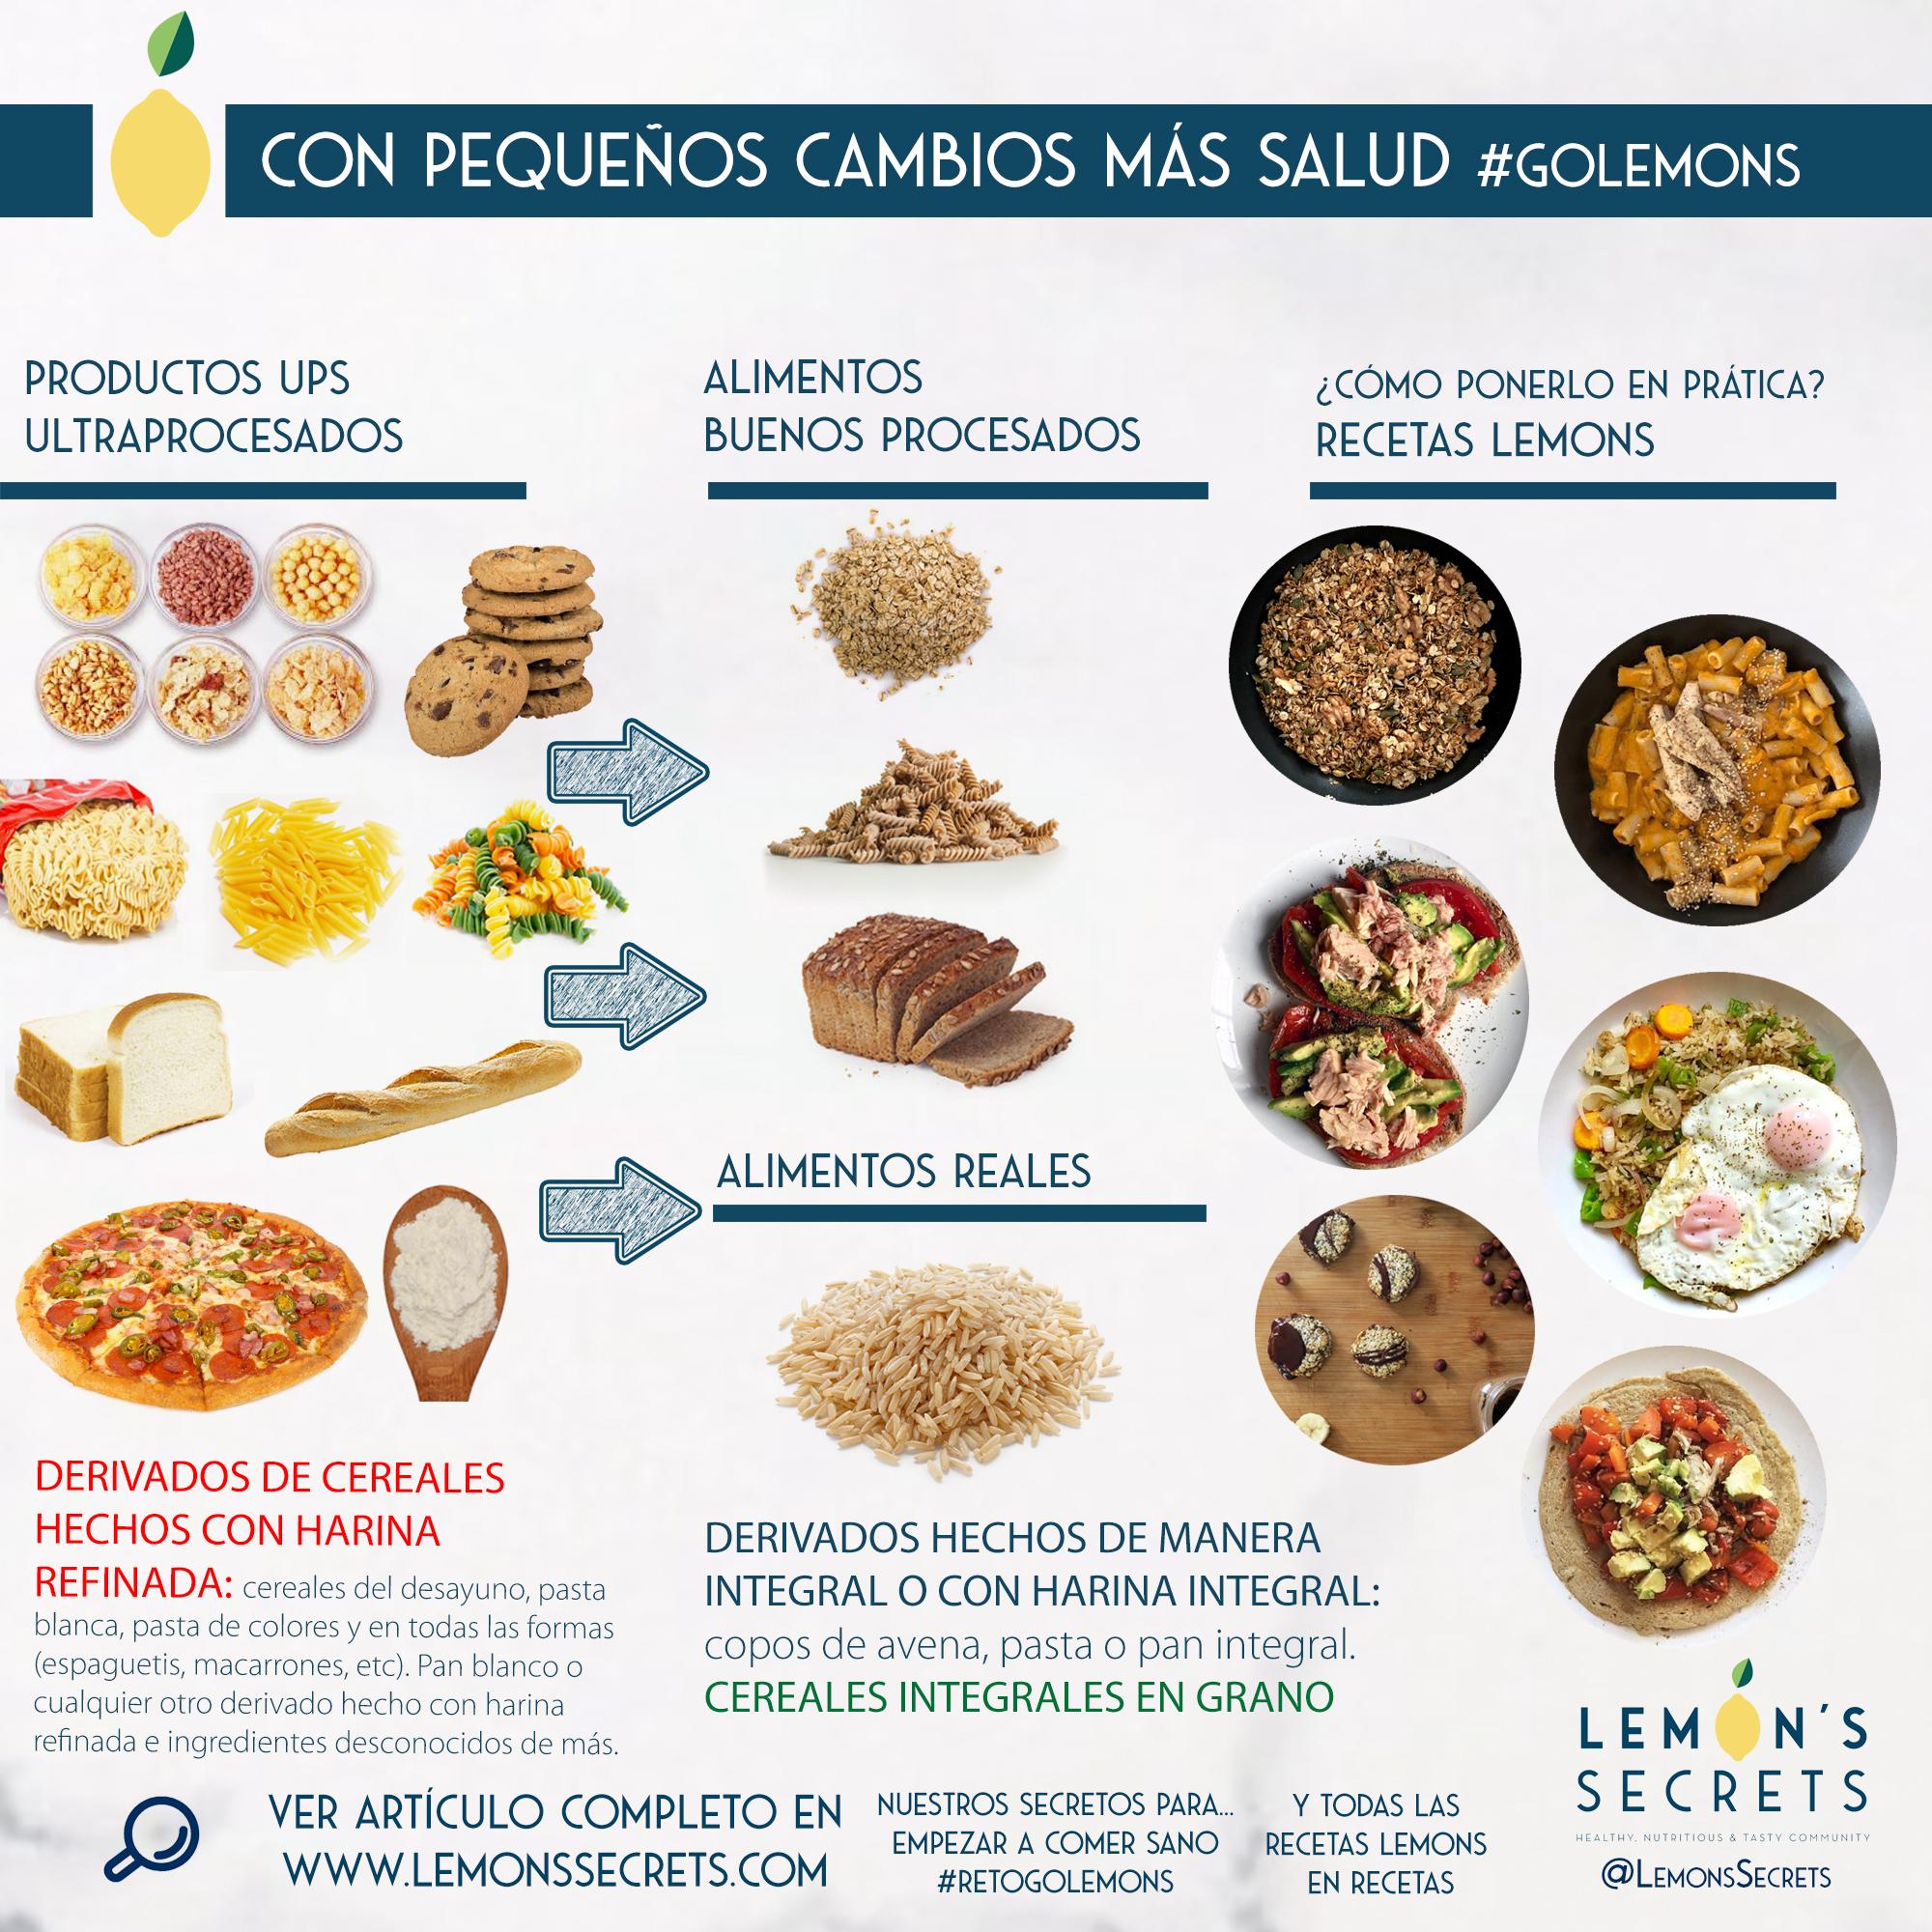 alimentos que contienen harinas refinadas